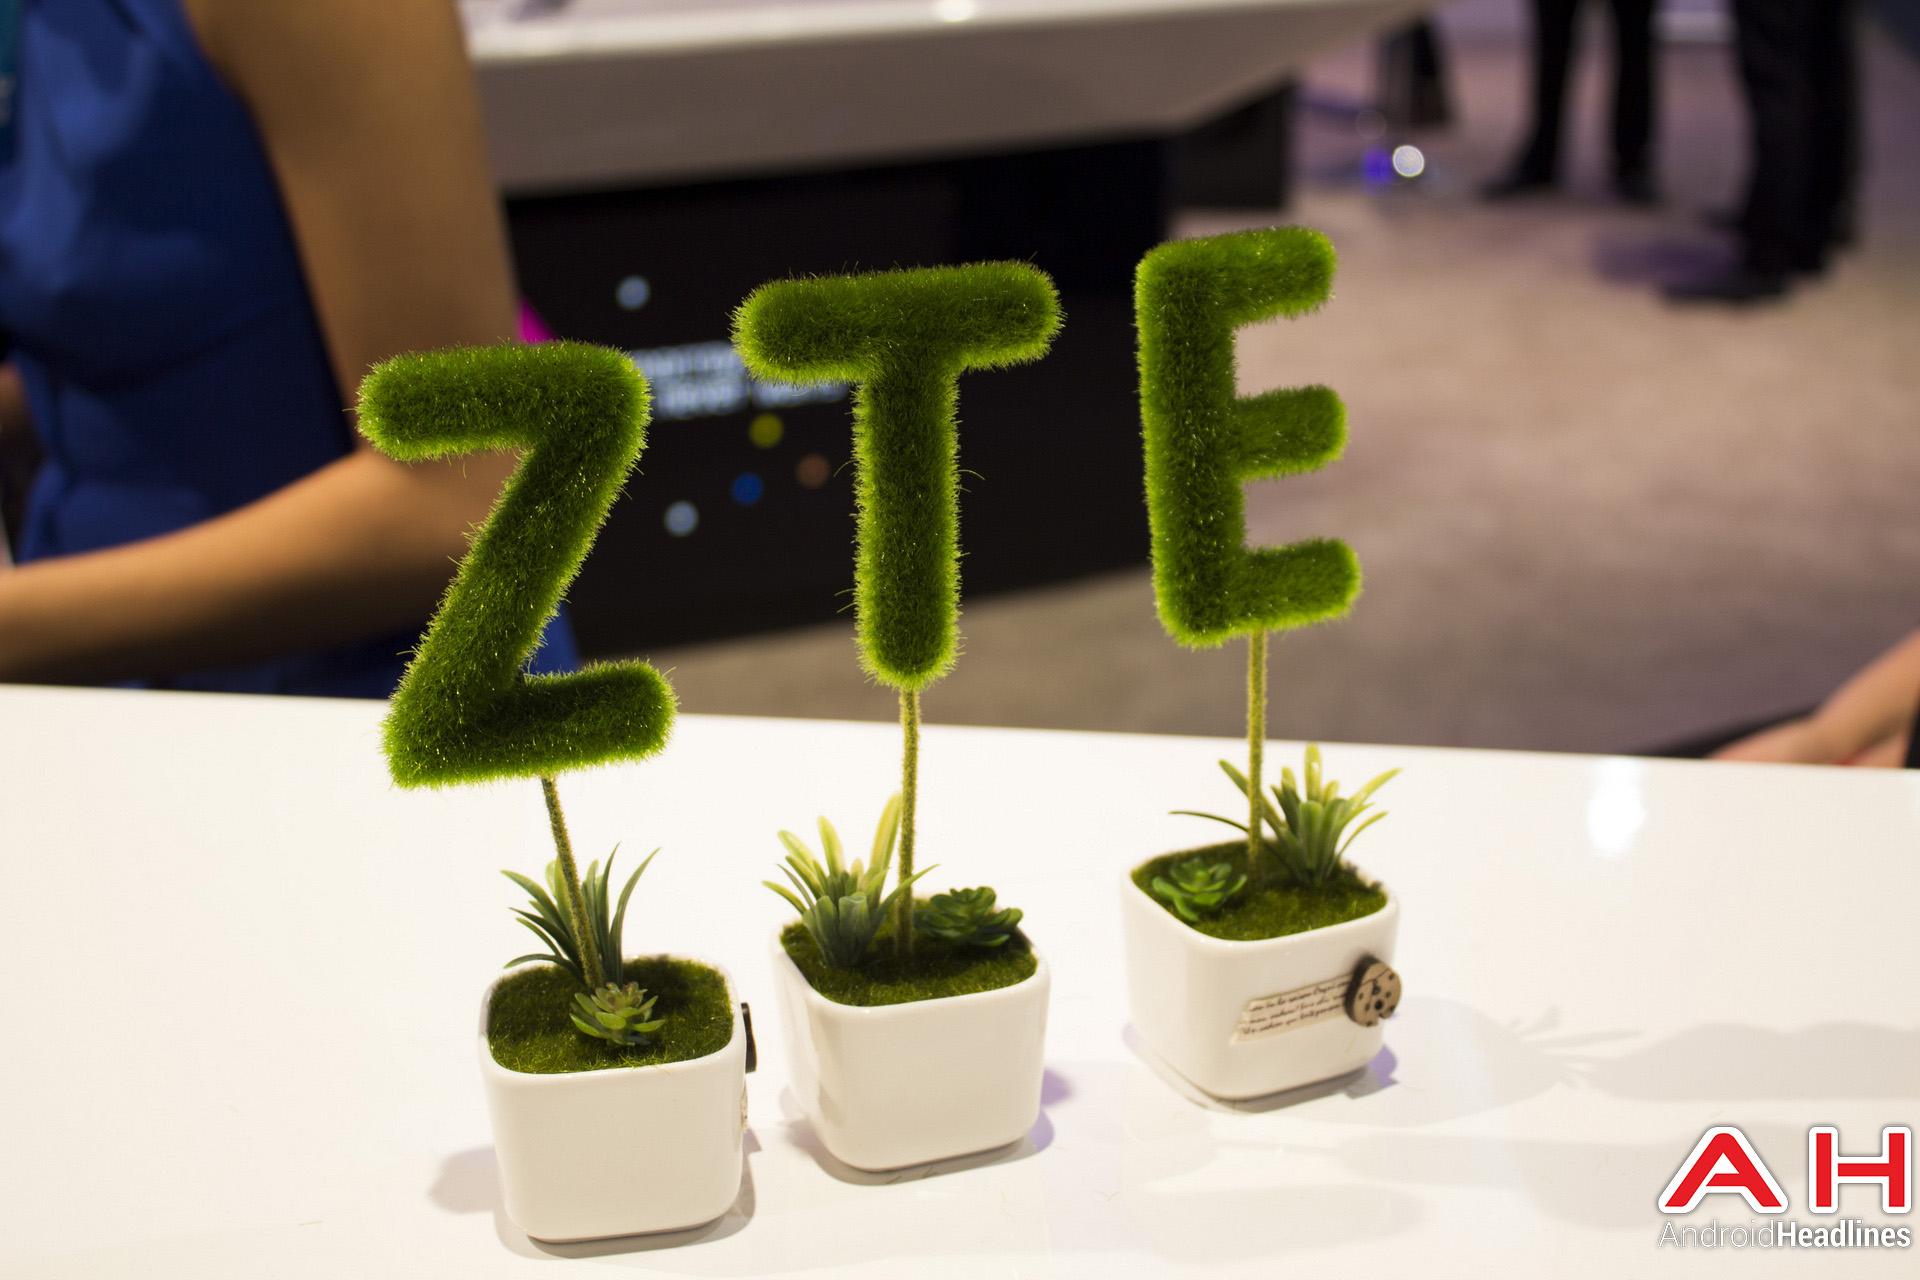 احتمالا ZTE Axon 7 Max در ۲۷ اکتبر (۶ آبان) معرفی خواهد شد